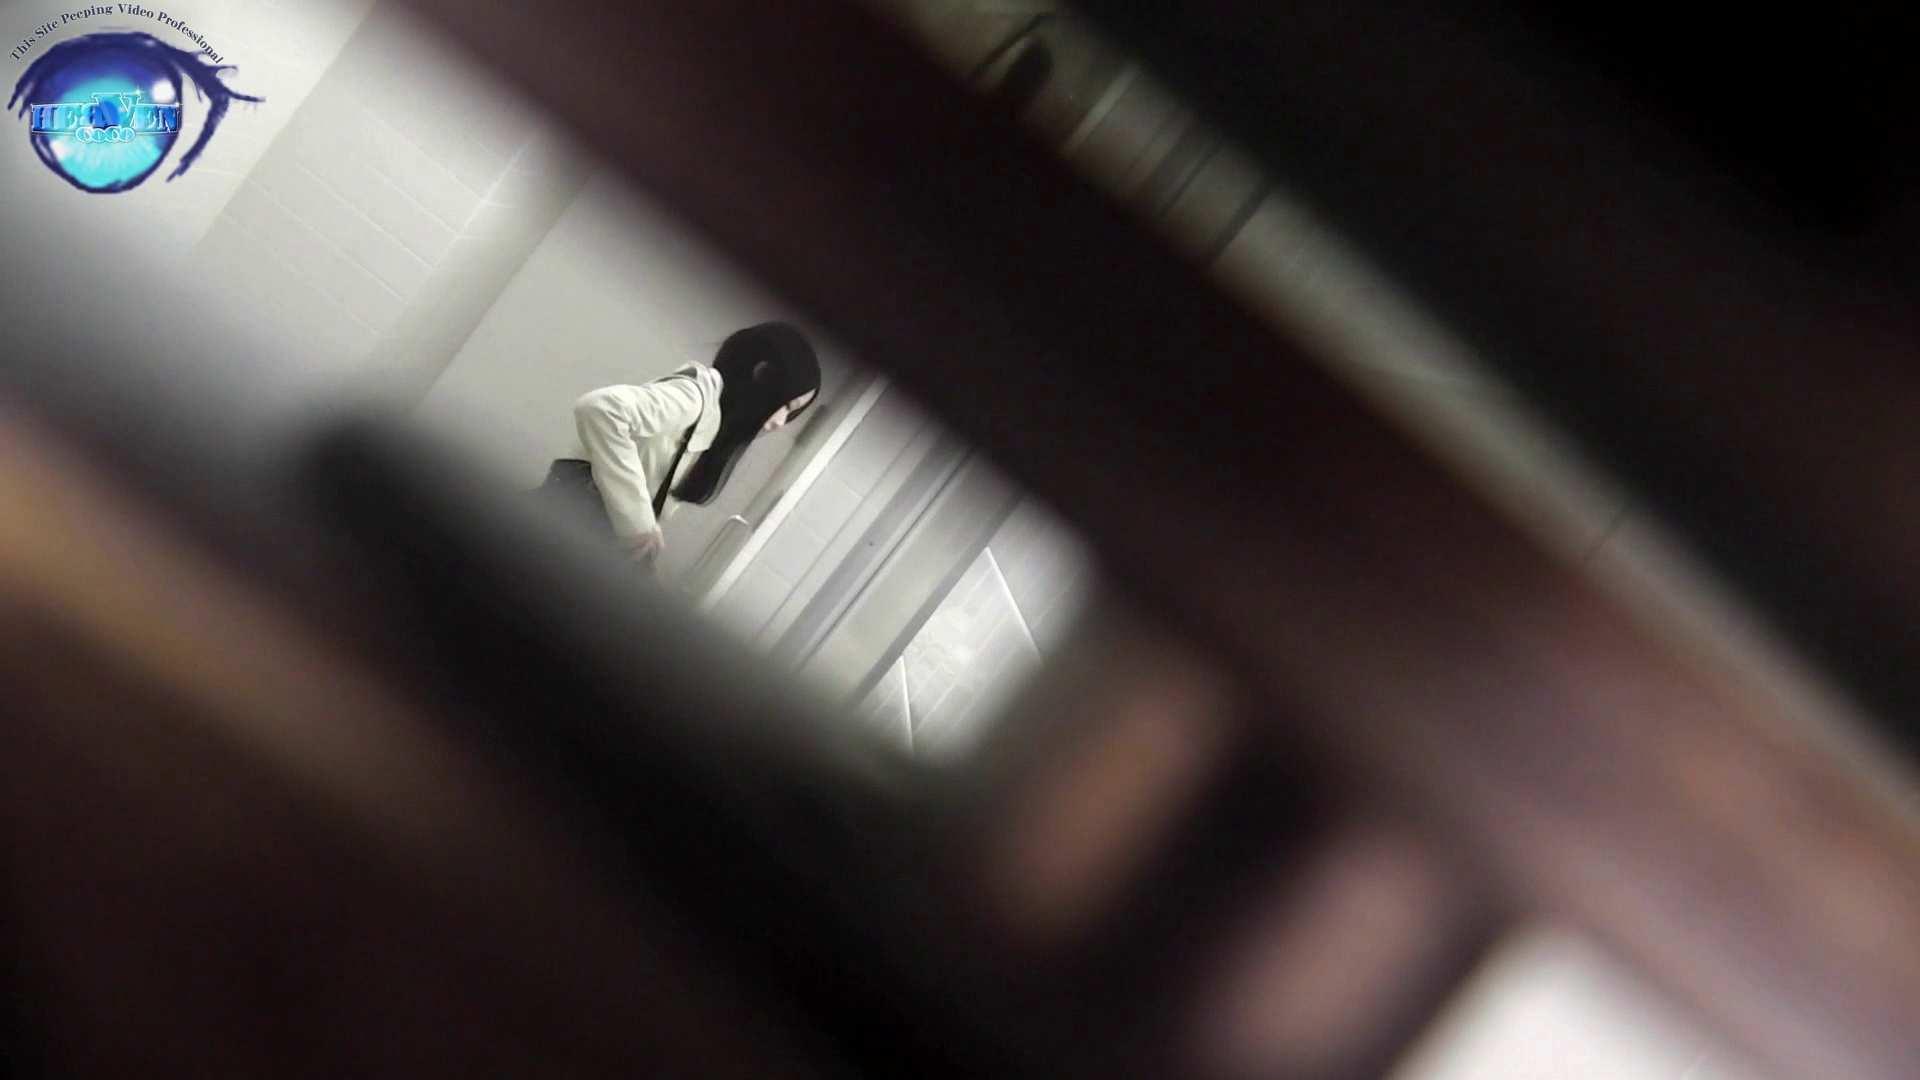 お銀さん vol.59 ピンチ!!「鏡の前で祈る女性」にばれる危機 前編 綺麗なOLたち  112枚 52